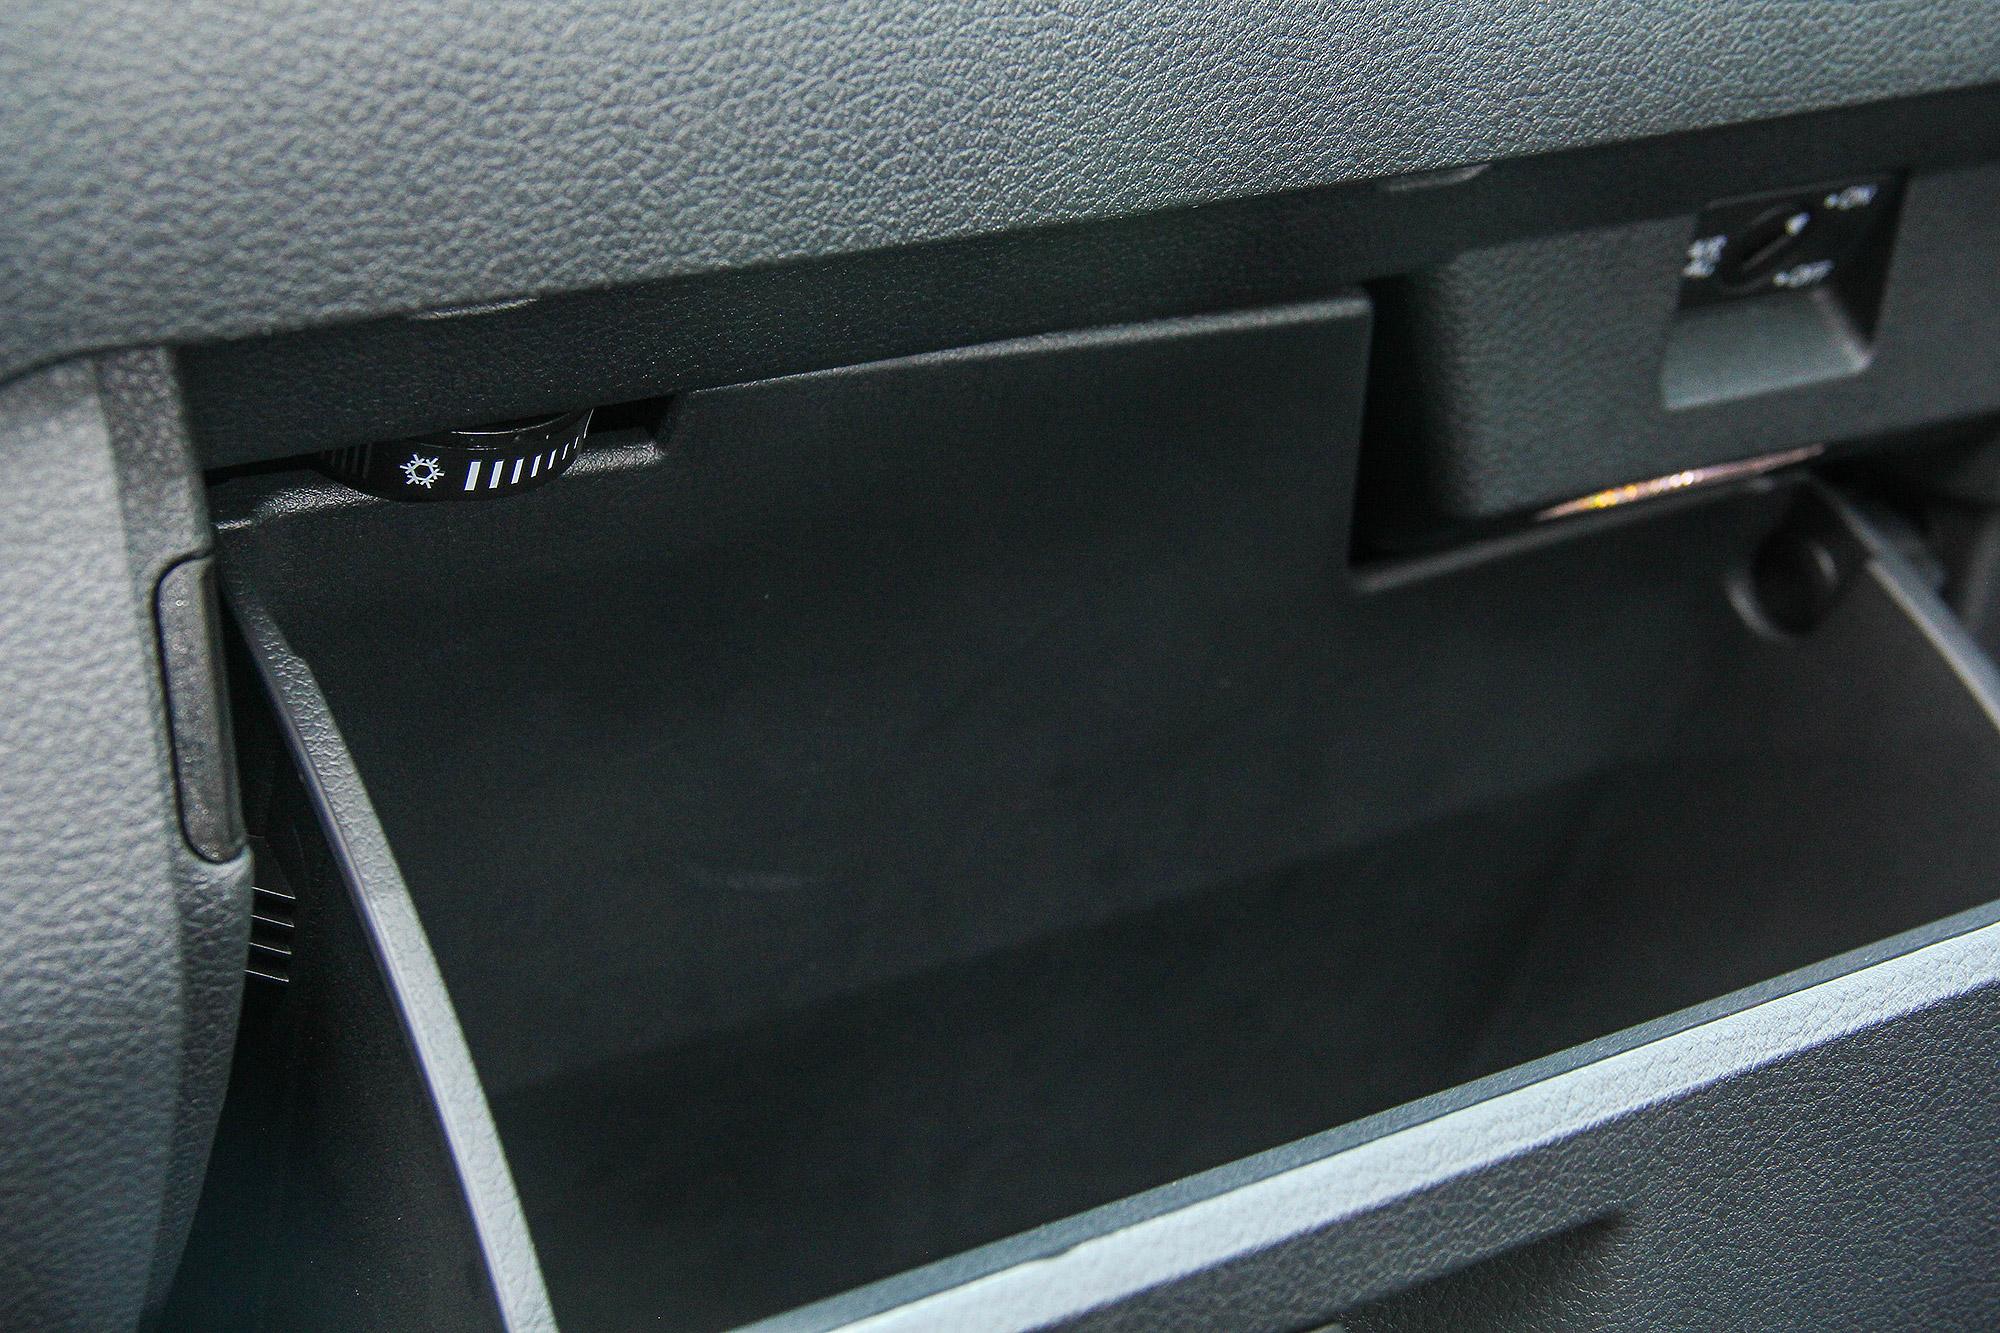 手套箱配有冷氣出風口,可以為飲料保冷。